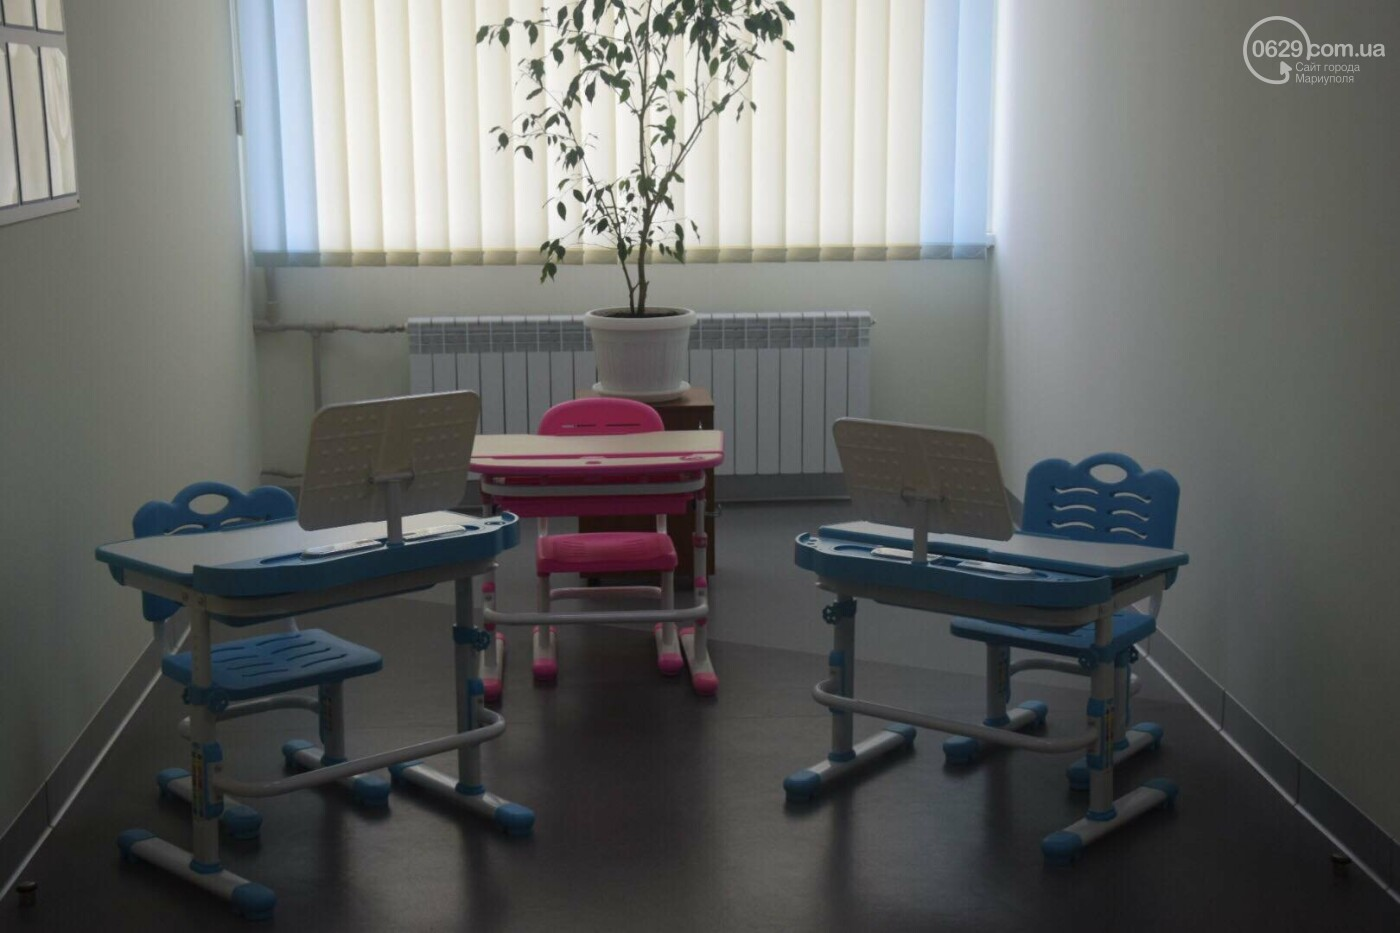 В Мариуполе Владимир Гройсман открыл детскую поликлинику и познакомился с Сережей, - ФОТОРЕПОРТАЖ, ВИДЕО, фото-13